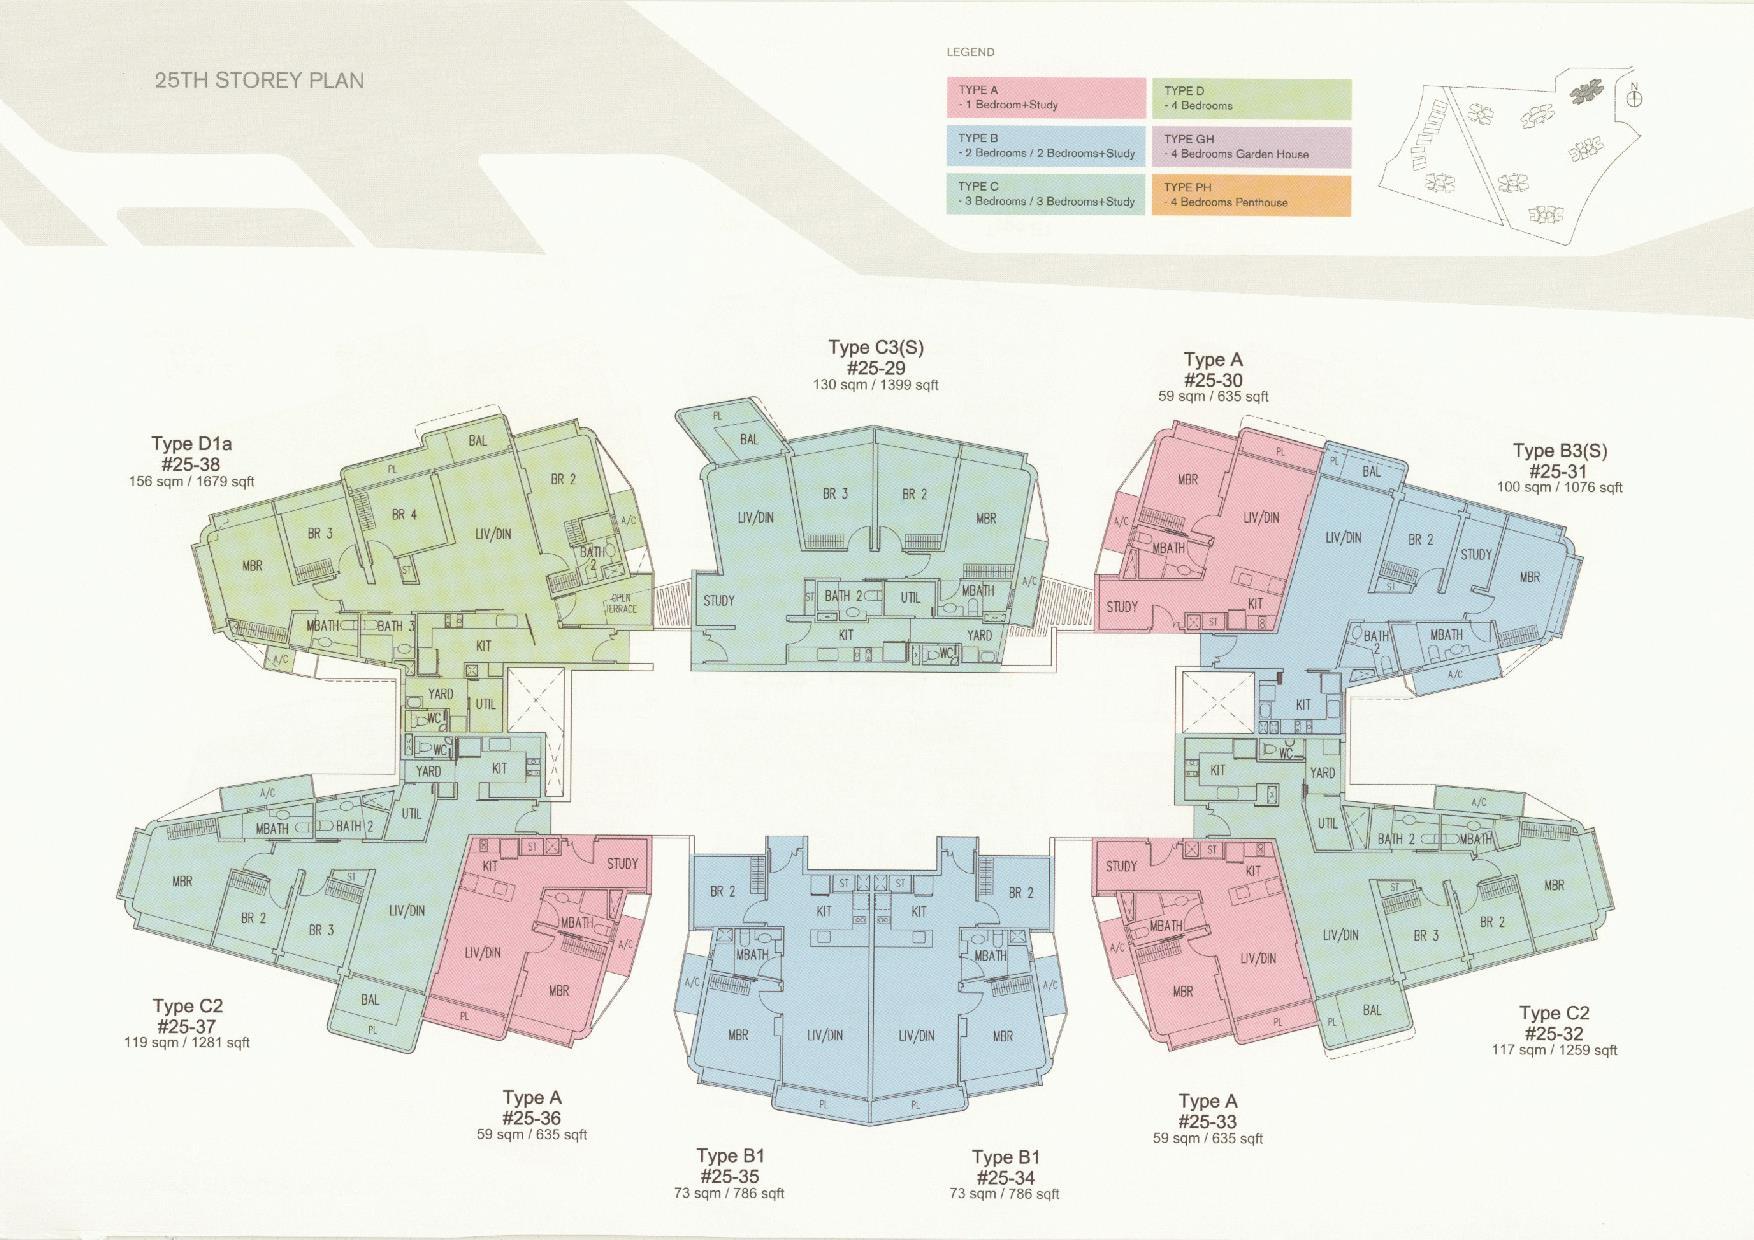 D'Leedon Block 11 25th Storey Floor Plans